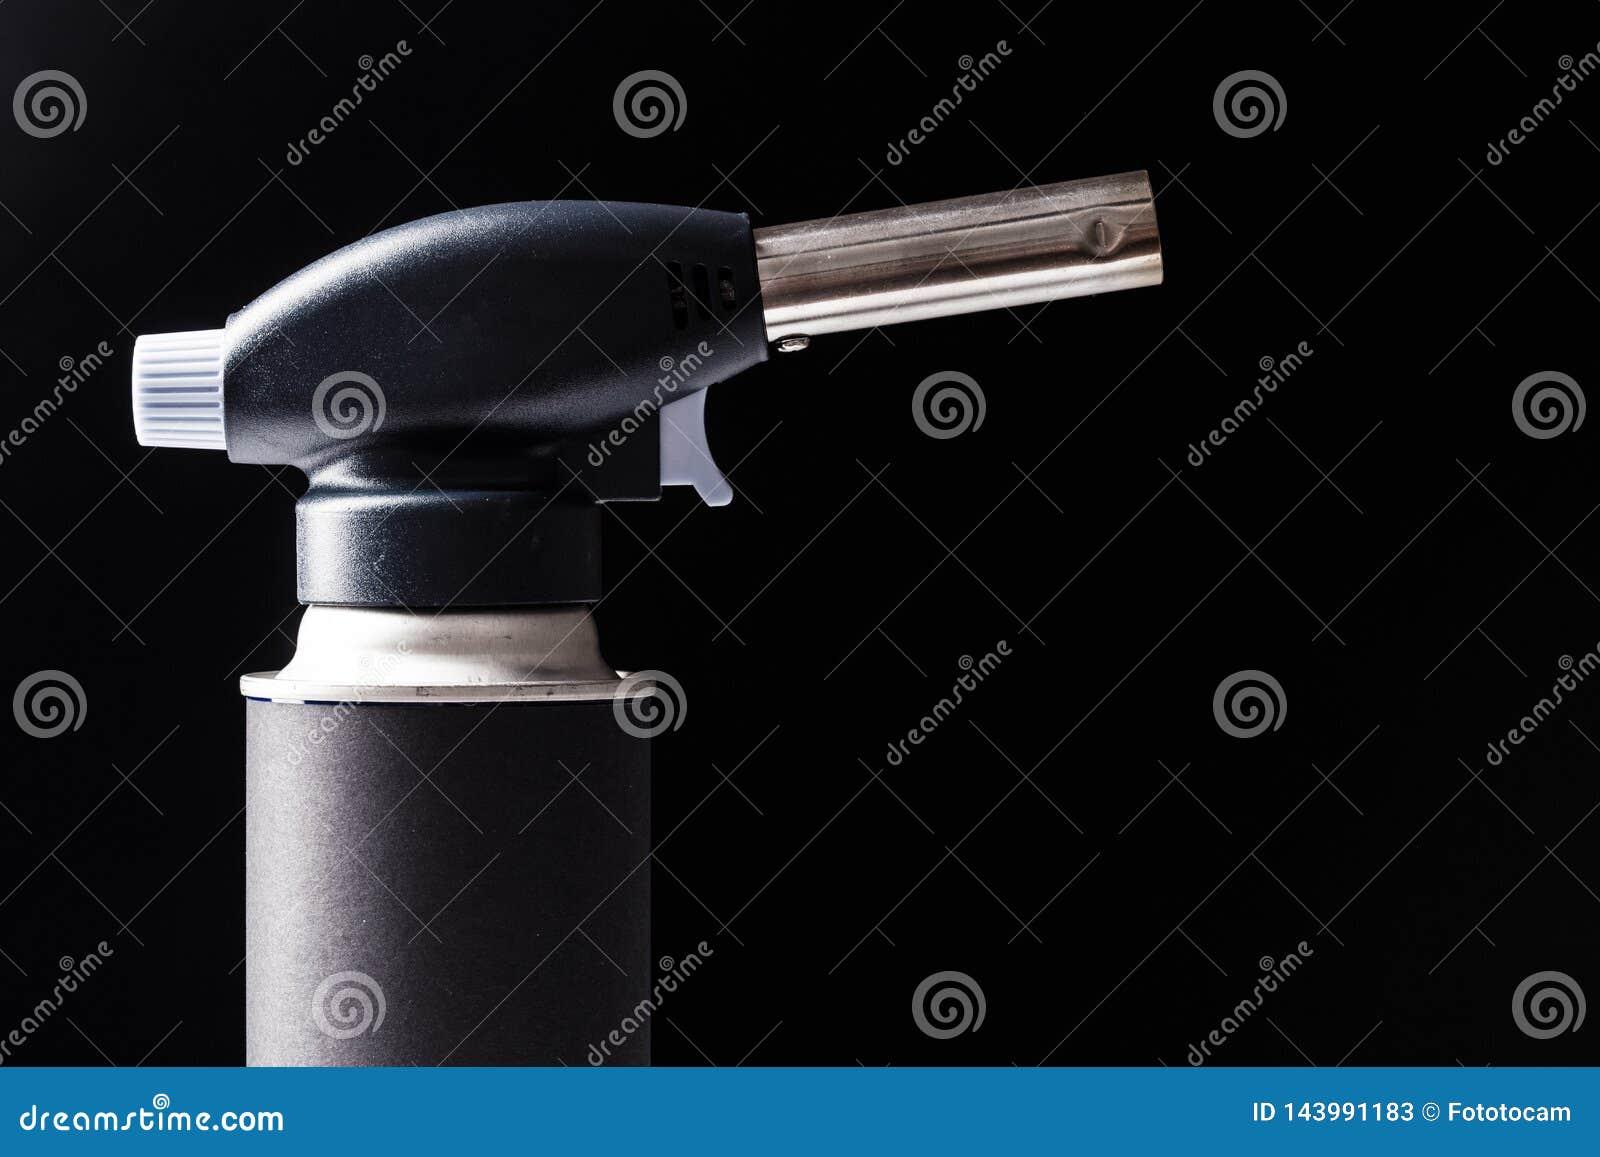 Ручная газовая горелка на черной предпосылке